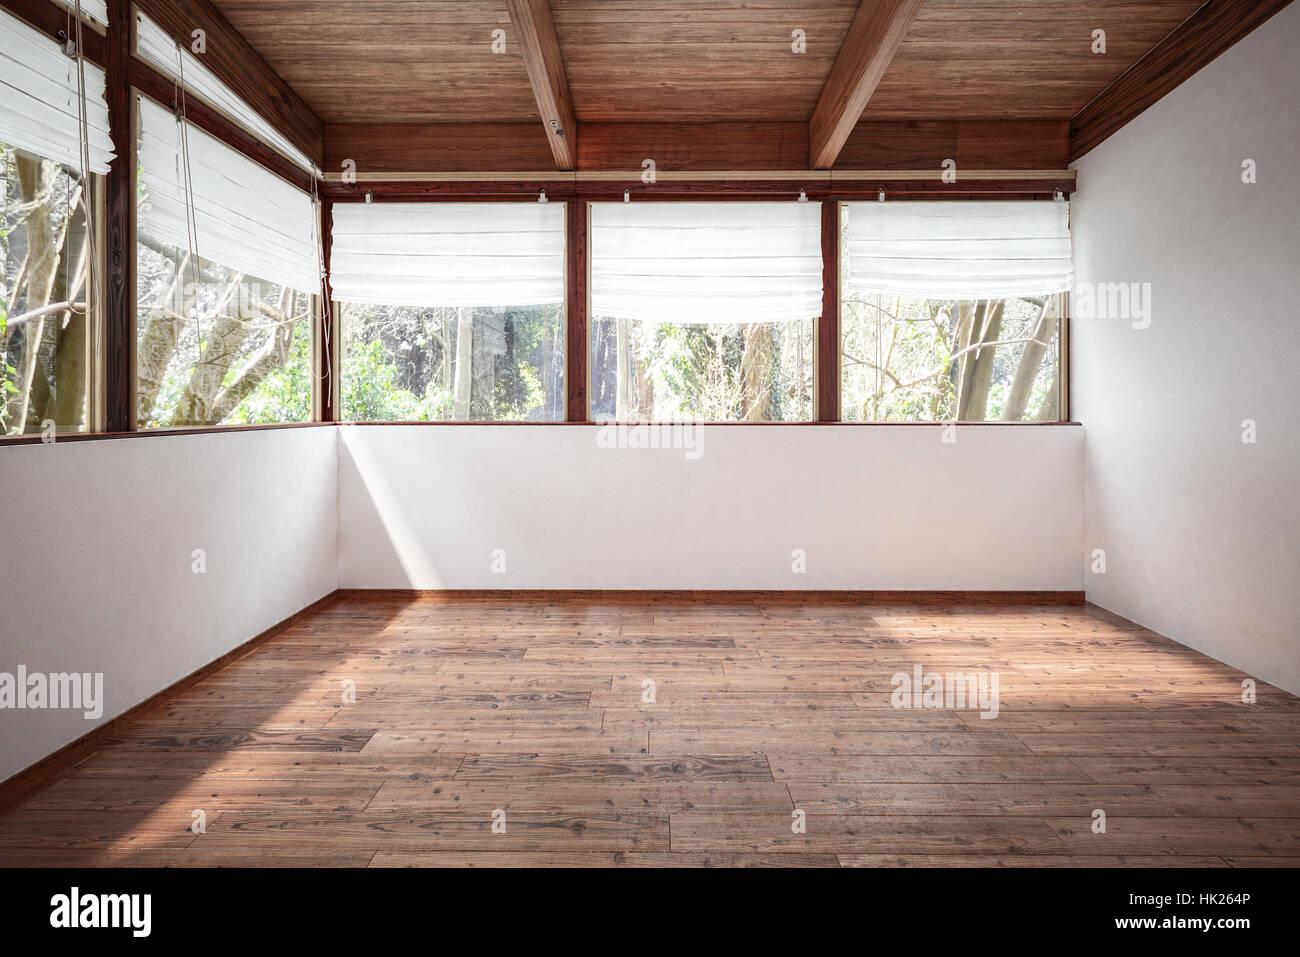 Soffitti Con Travi In Legno : Stanza vuota con pareti bianche pavimento in legno e il soffitto